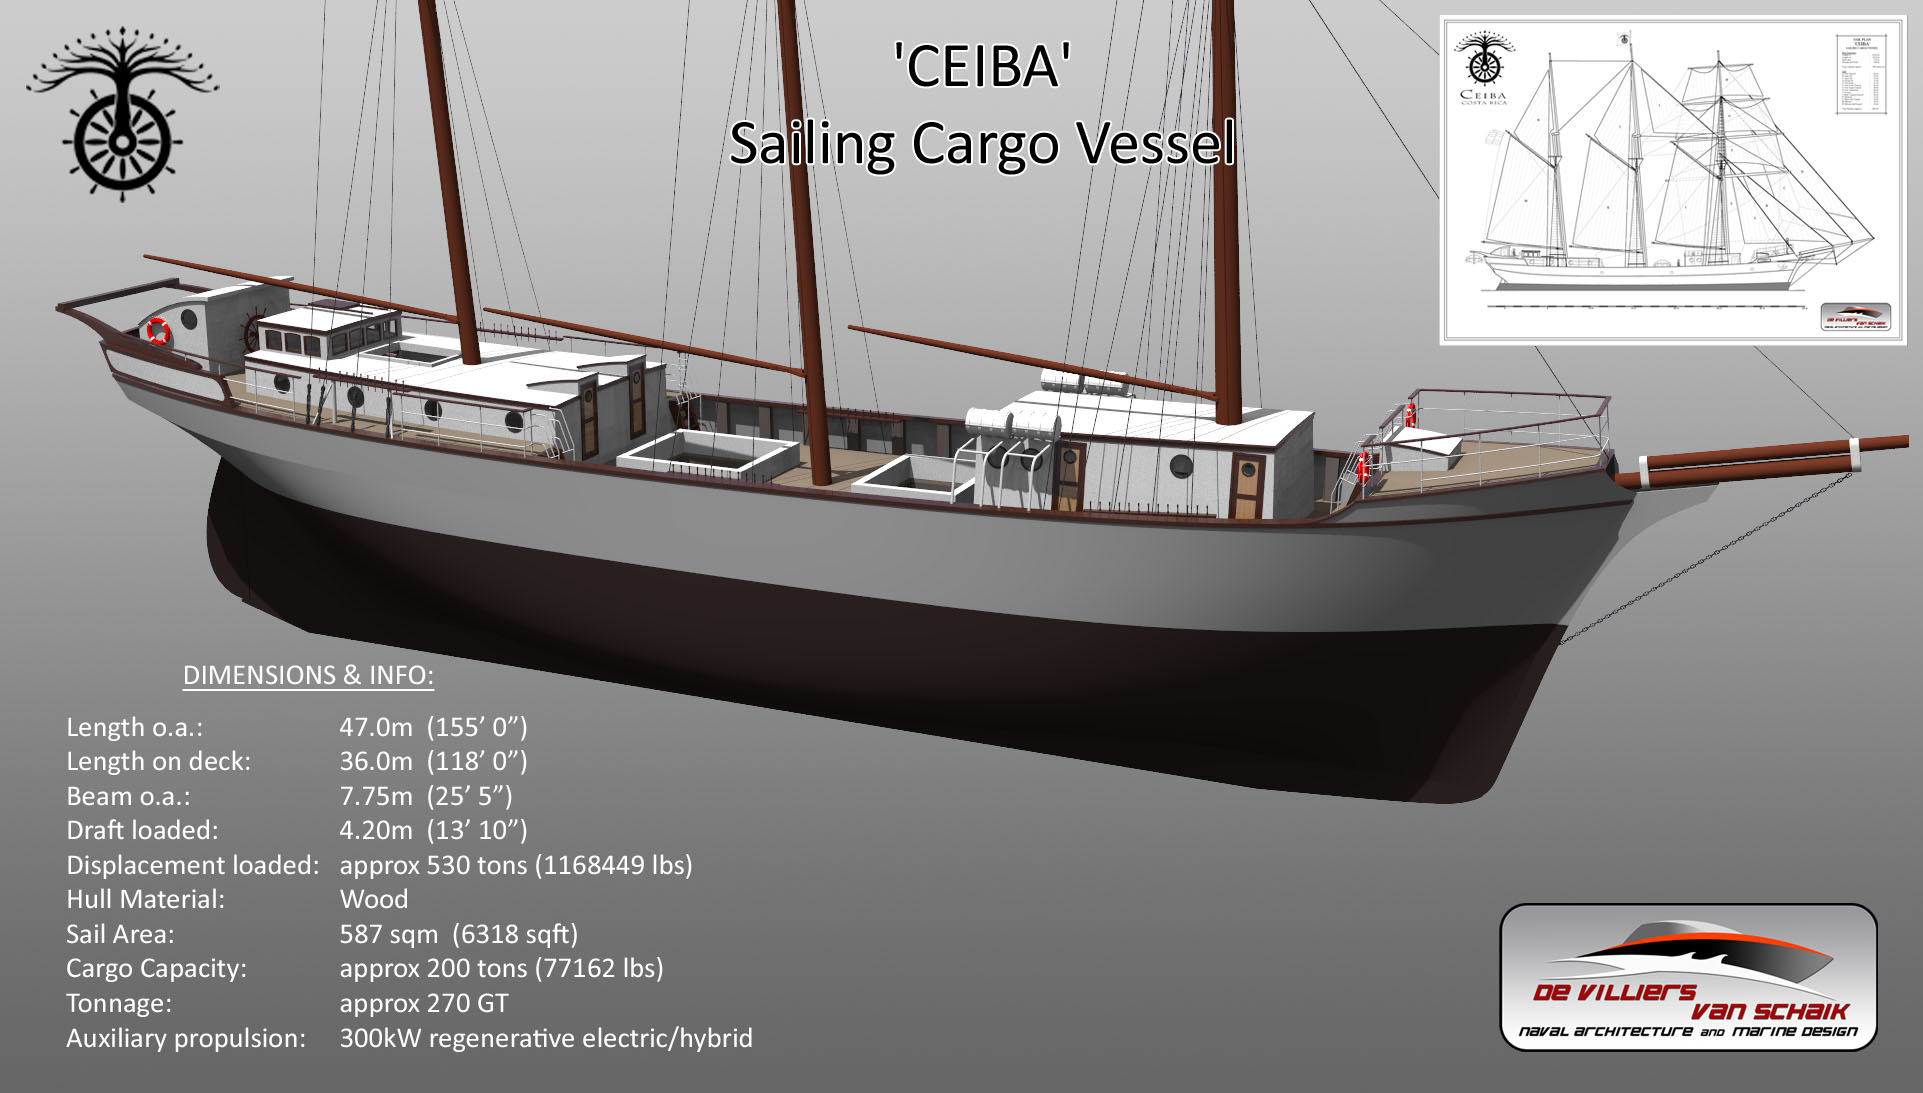 20180206-Ceiba-01.jpg